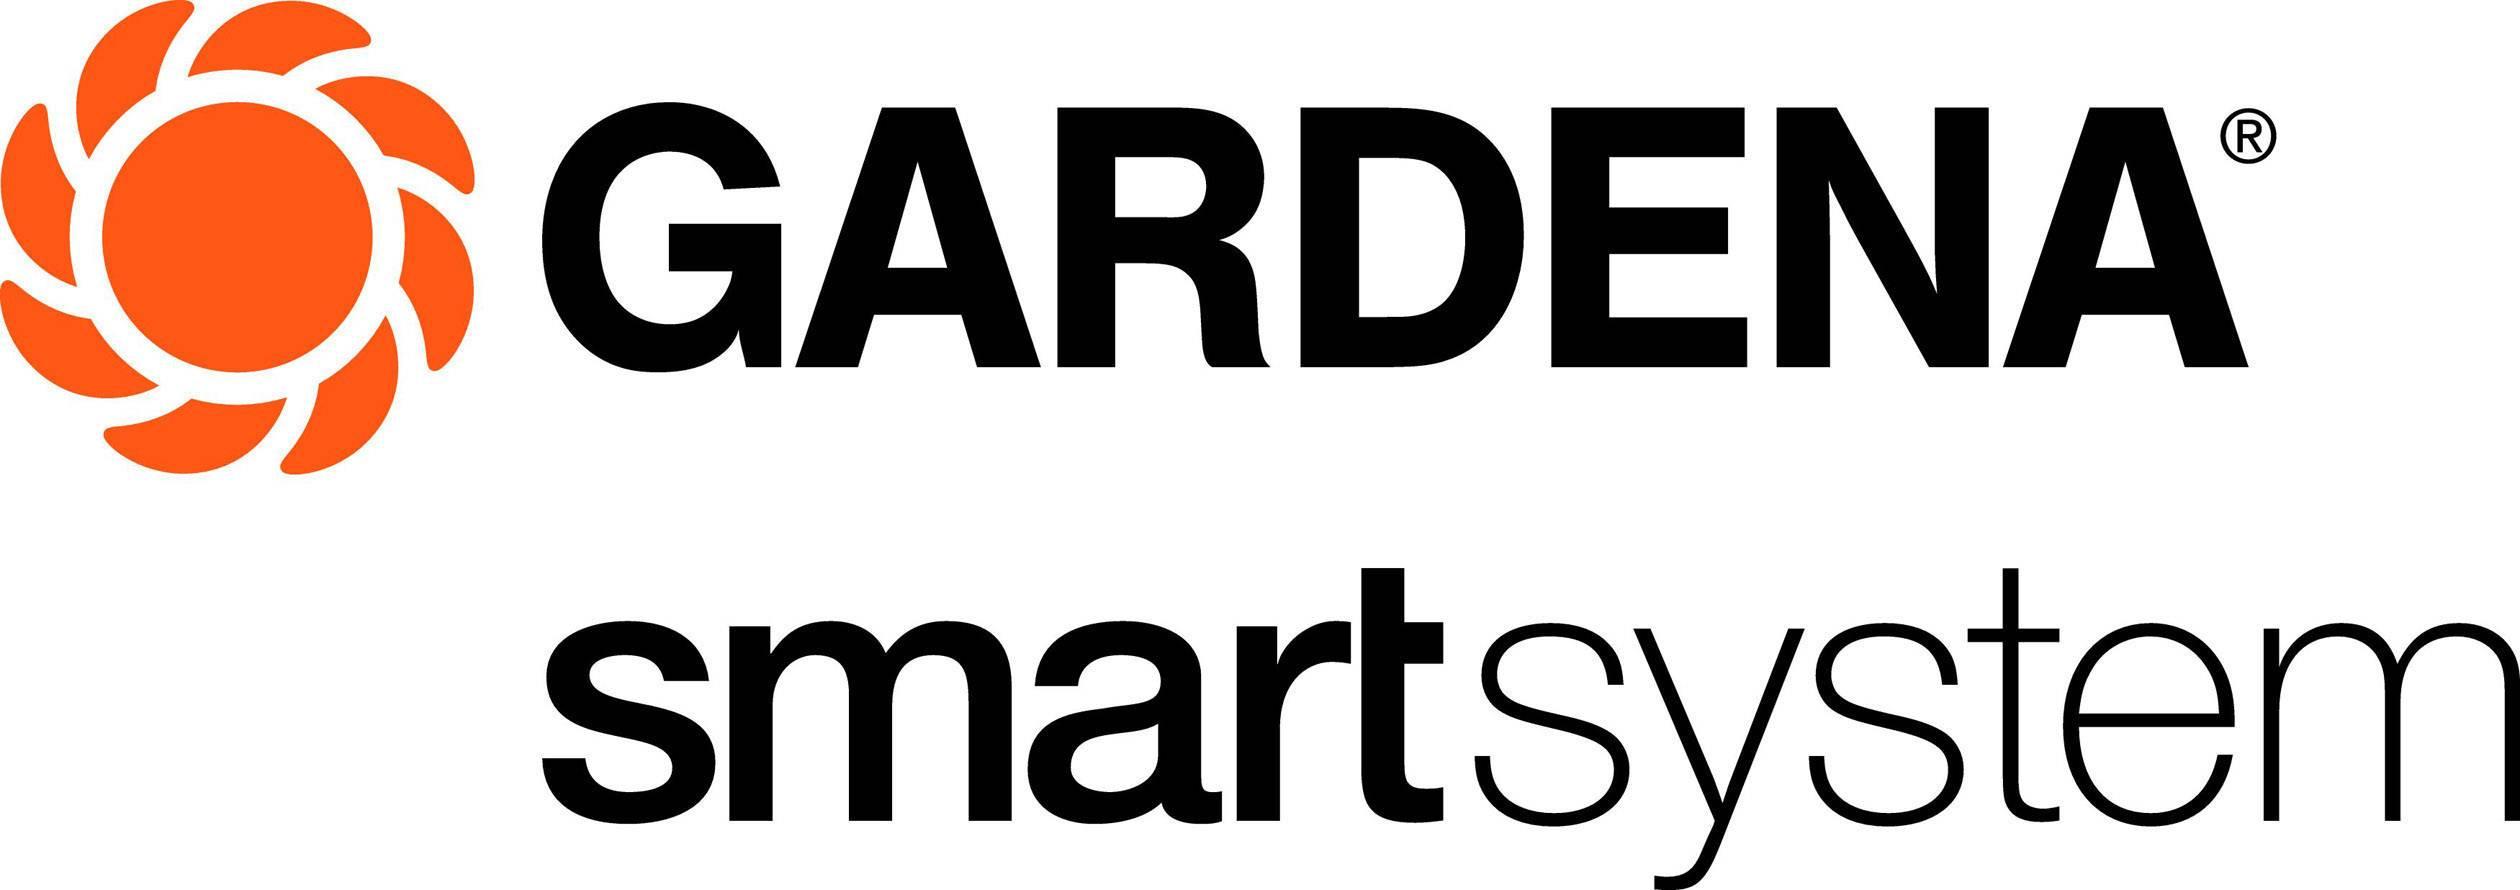 Smart systém Gardena